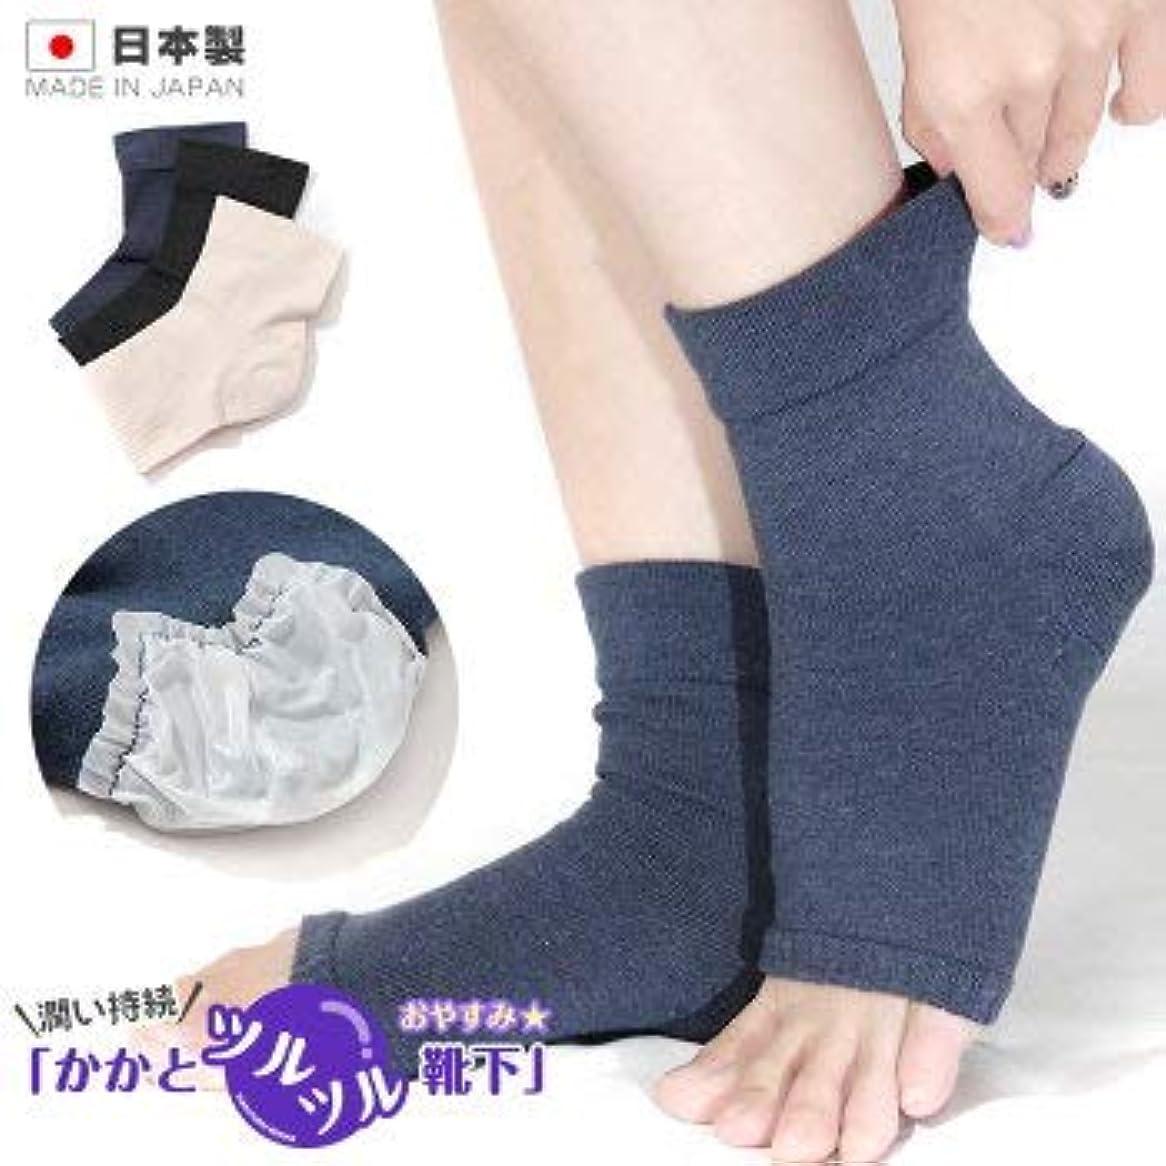 法医学検証区画かかと 角質ケア ひび割れ対策 かかとツルツル靴下 オープントゥ フリーサイズ 太陽ニット 848 (ピンク)